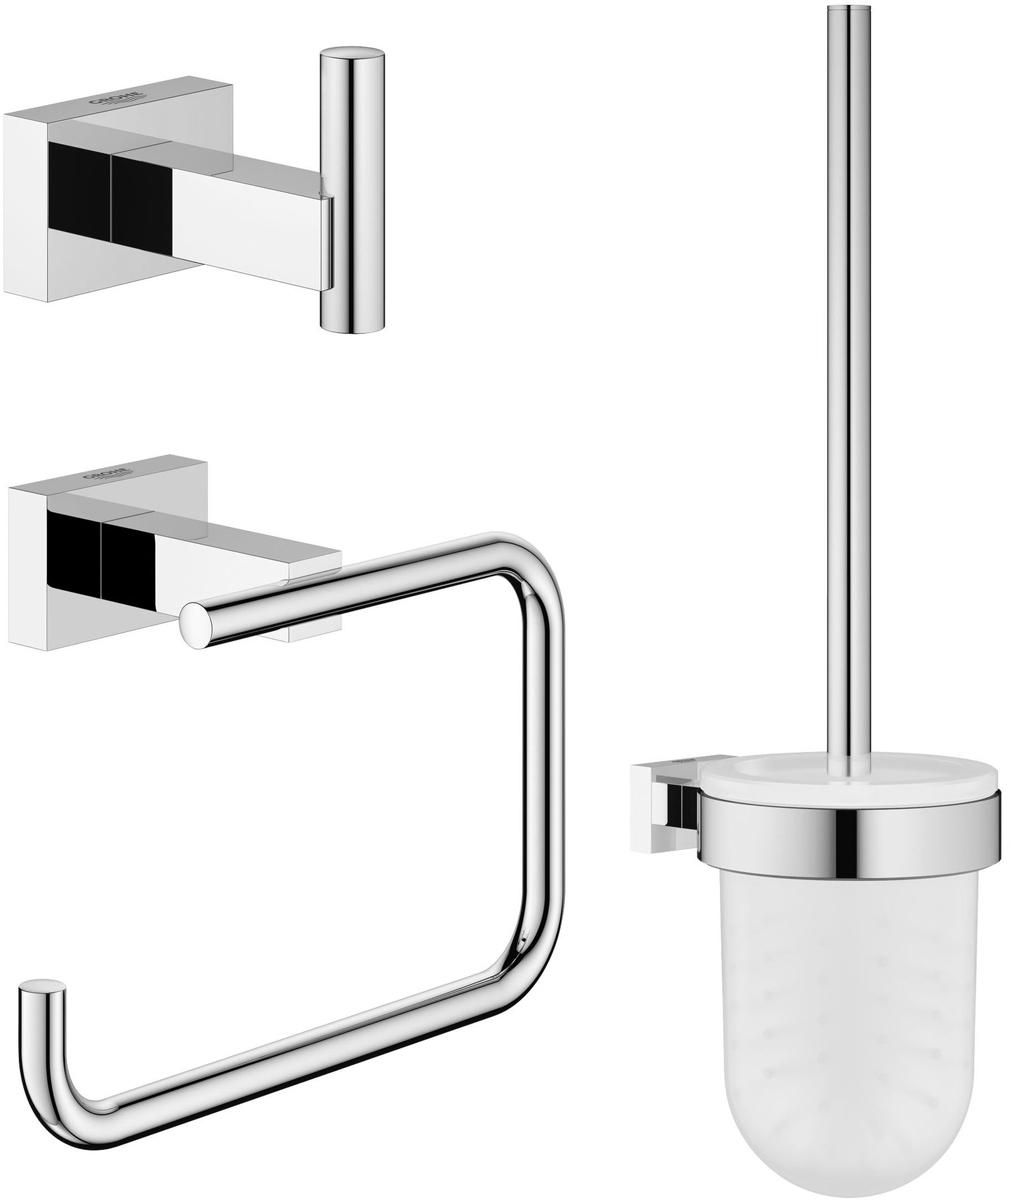 Набор аксессуаров для ванной комнаты Grohe Essentials Cube, 3 предмета40757001Набор аксессуаров для ванной комнаты Grohe Essentials Cube включает ершик с подставкой и держателем, крючок для банного халата и держатель для туалетной бумаги. Изделия выполнены из латуни с хромированным покрытием. Благодаря специальной технологии Grohe StarLight покрытие обеспечивает сияющий блеск на протяжении всего срока службы. Кроме того, оно отталкивает грязь, не тускнеет и обладает высокой степенью износостойкости. Все предметы крепятся к стене (крепежные элементы поставляются в комплекте). Благодаря неизменно актуальному дизайну и долговечному хромированному покрытию, такой набор отлично дополнит интерьер ванной комнаты, воплощая собой изысканный стиль и превосходное качество. Длина ершика (с ручкой): 37 см. Длина щетины: 2 см. Размер подставки для ершика: 9,5 х 9,5 х 13,5 см. Размер держателя для туалетной бумаги: 13,5 х 10 х 6 см. Размер крючка для банного халата: 4 х 6 х 4 см.